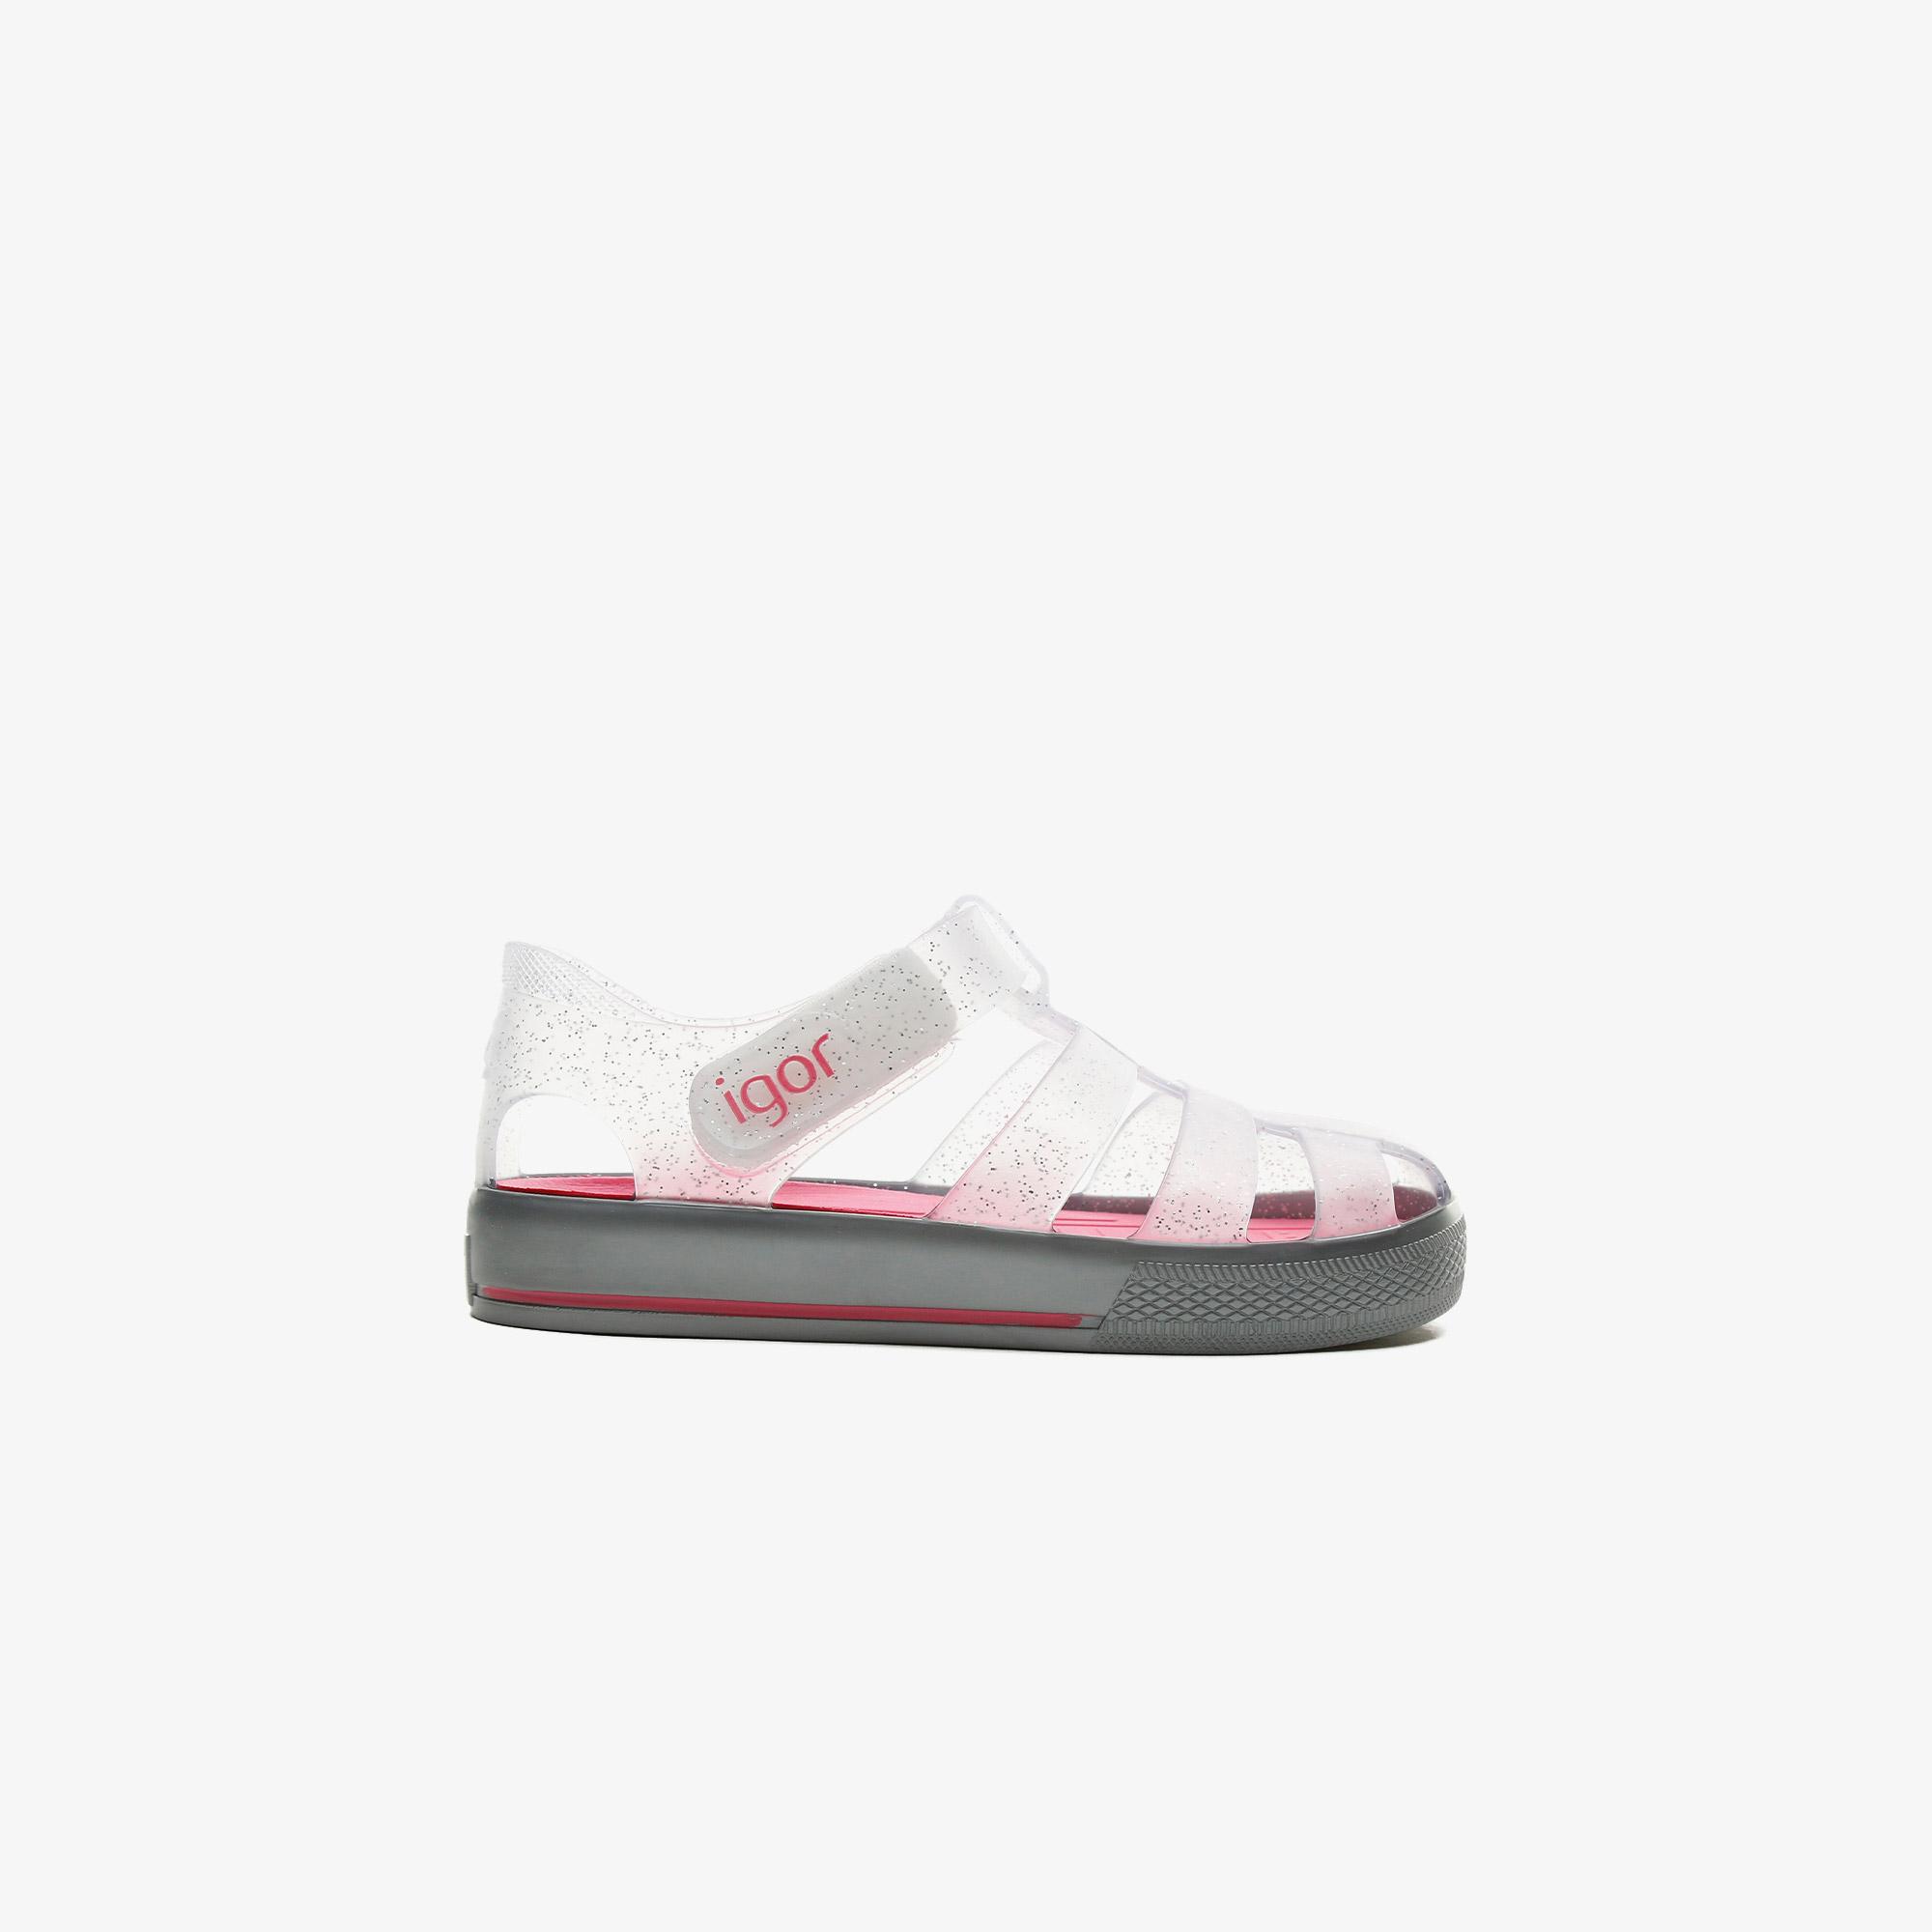 Igor Star Çocuk Pembe Sandalet Ayakkabı